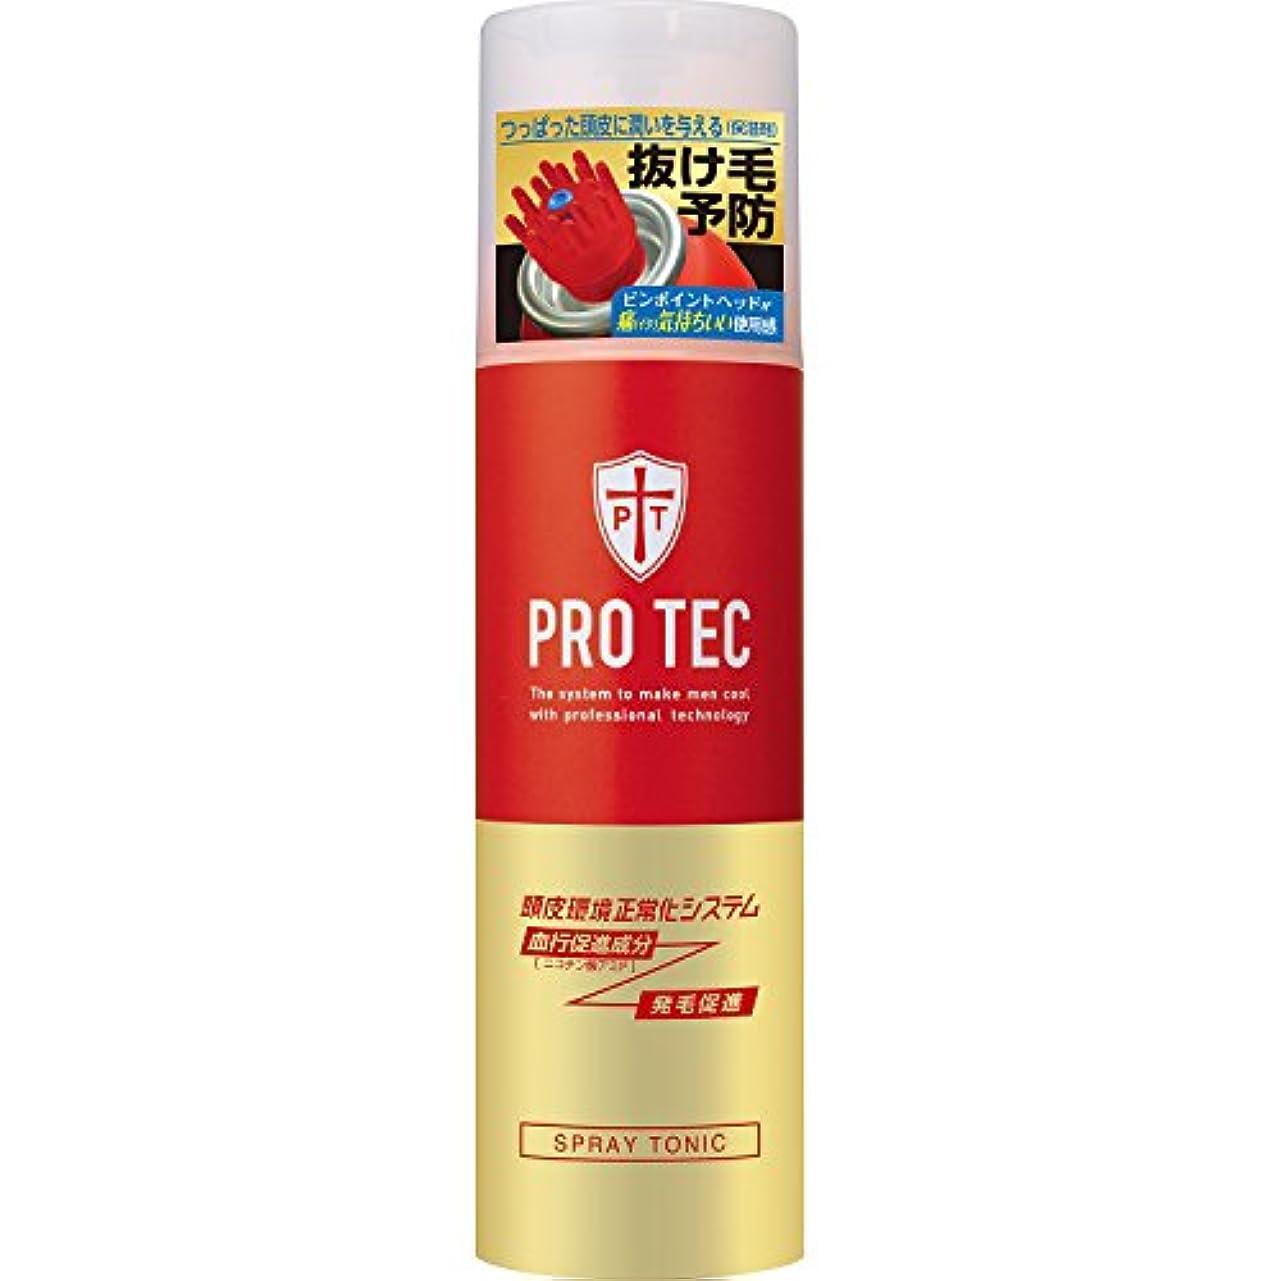 ブロンズ校長政策PRO TEC(プロテク) スプレートニック 150g(医薬部外品)